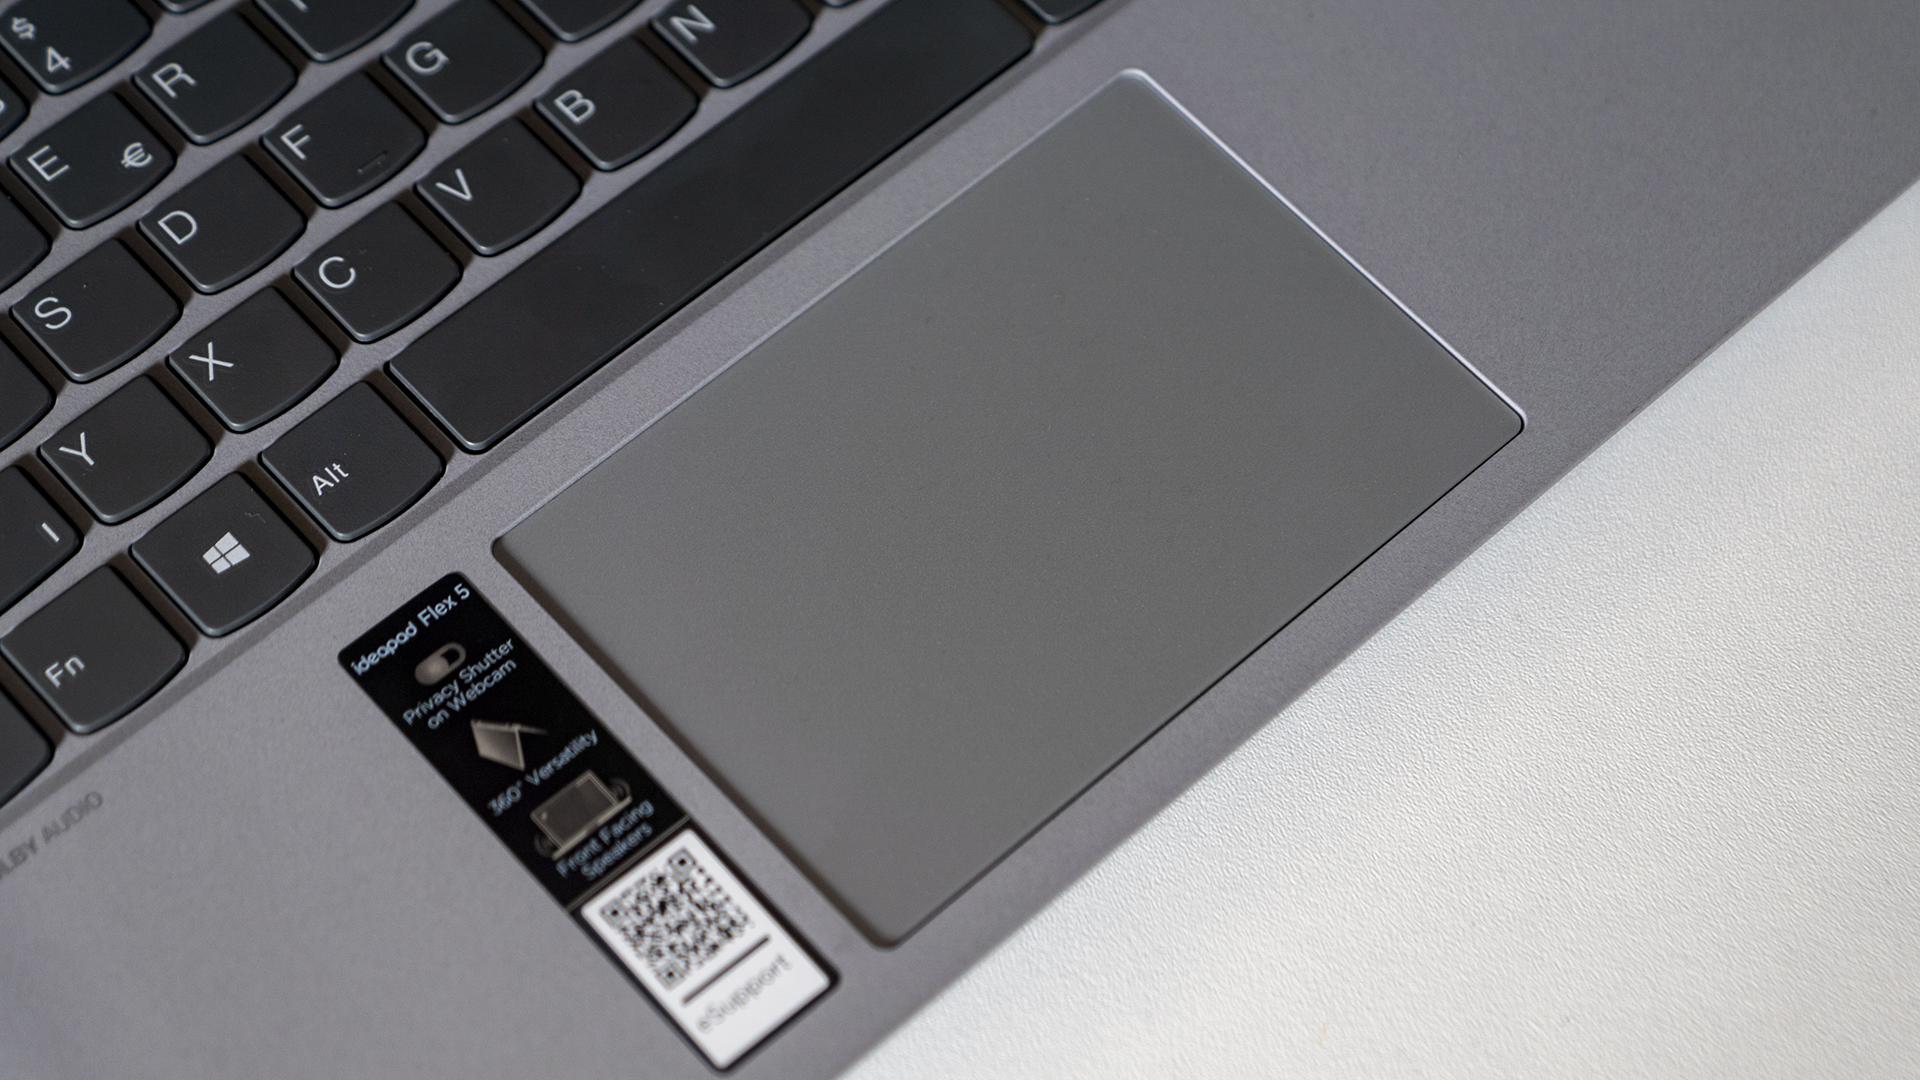 Lenovo IdeaPad Flex 5 Trackpad